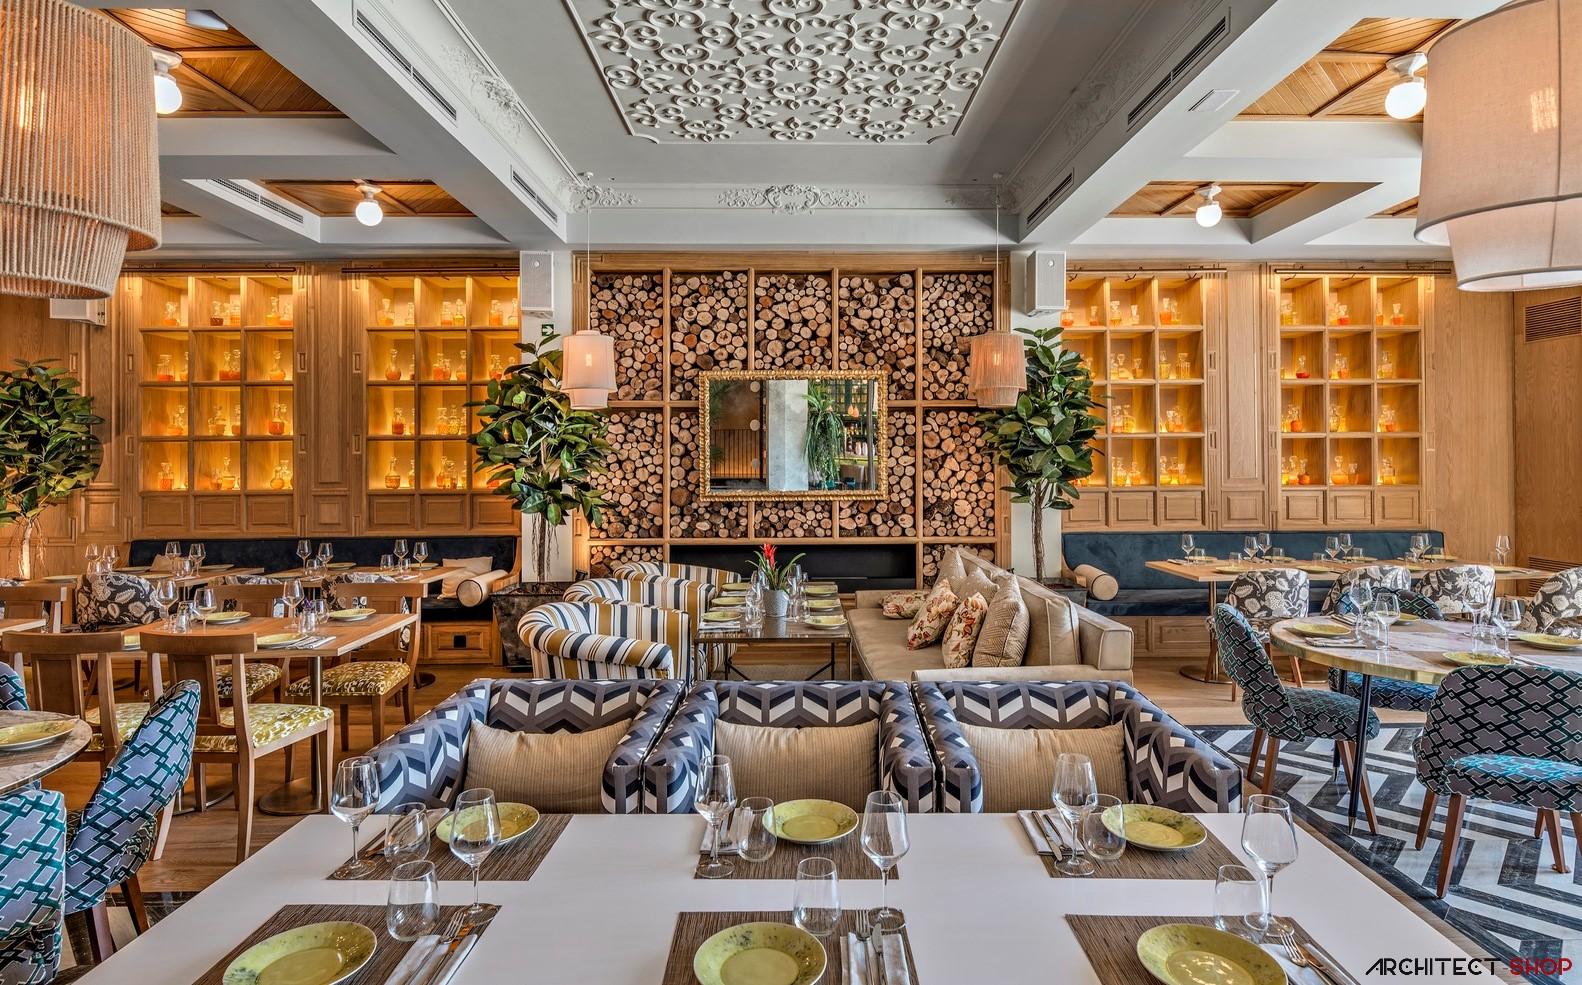 طراحی رستوران کلاسیک در مادرید - Habanera restaurant 2 1